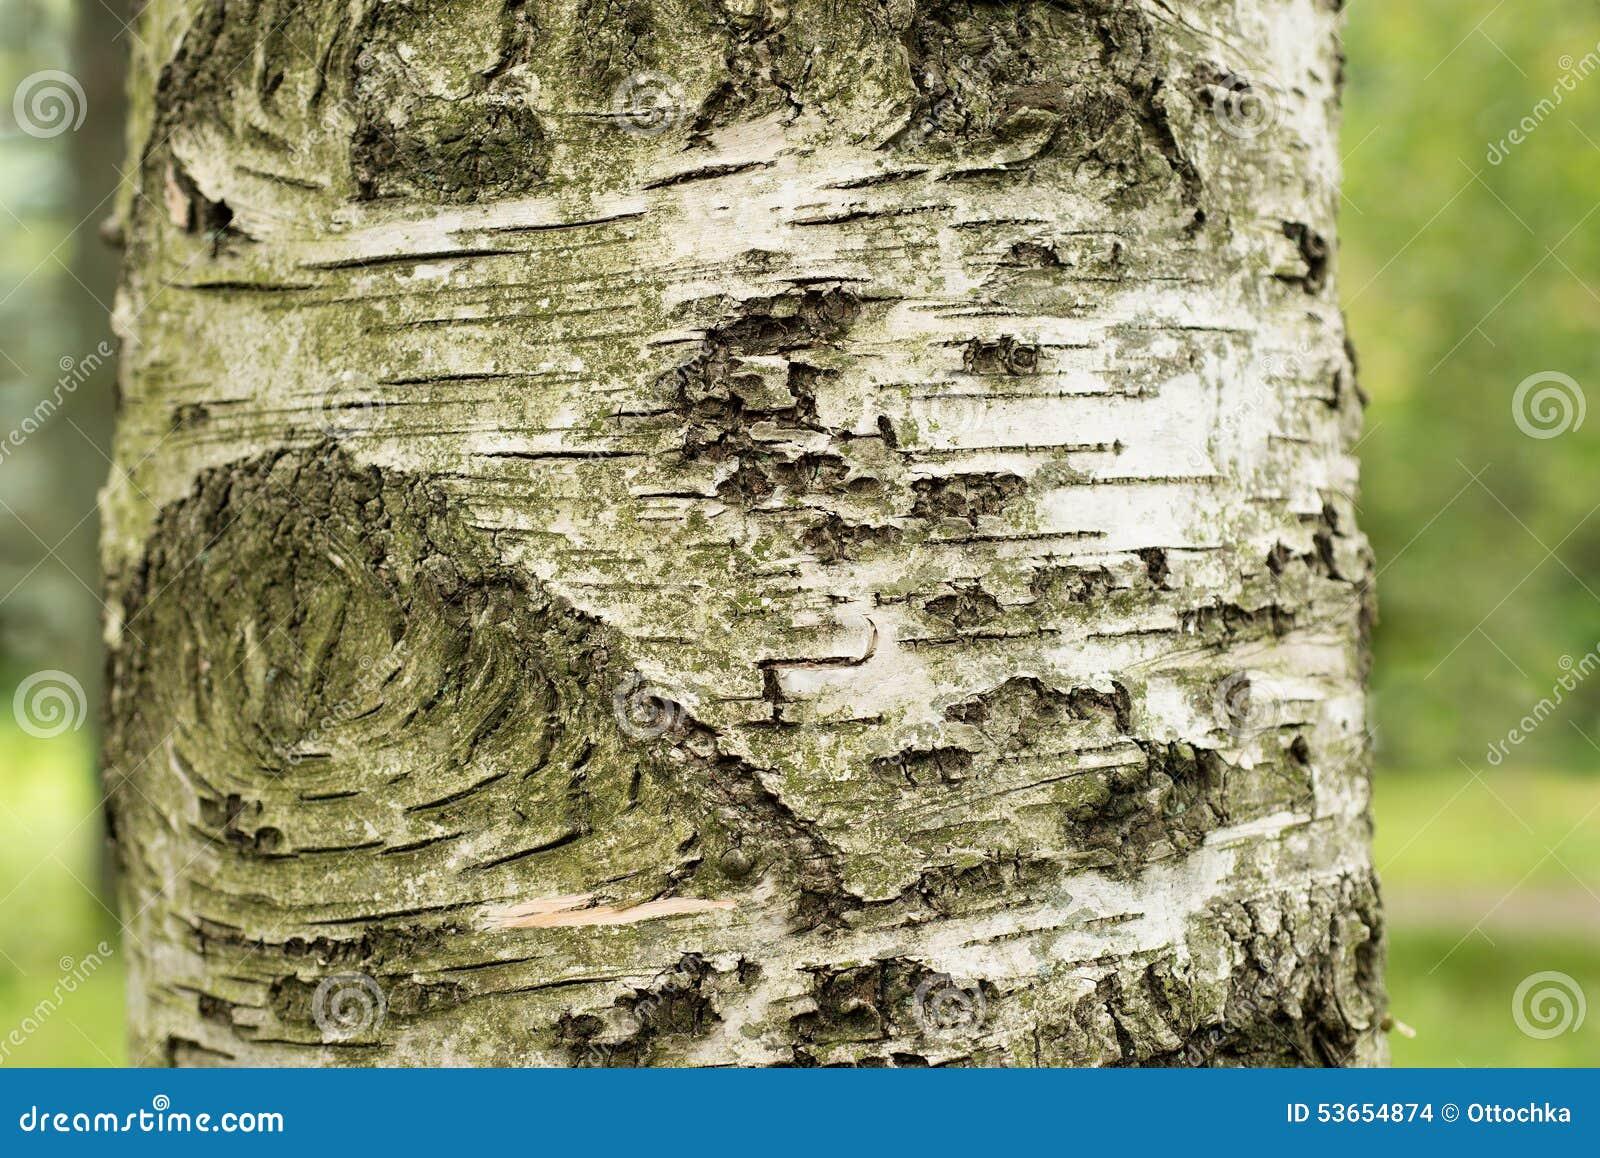 tronc d 39 un arbre de bouleau photo stock image du bouleau am nagement 53654874. Black Bedroom Furniture Sets. Home Design Ideas